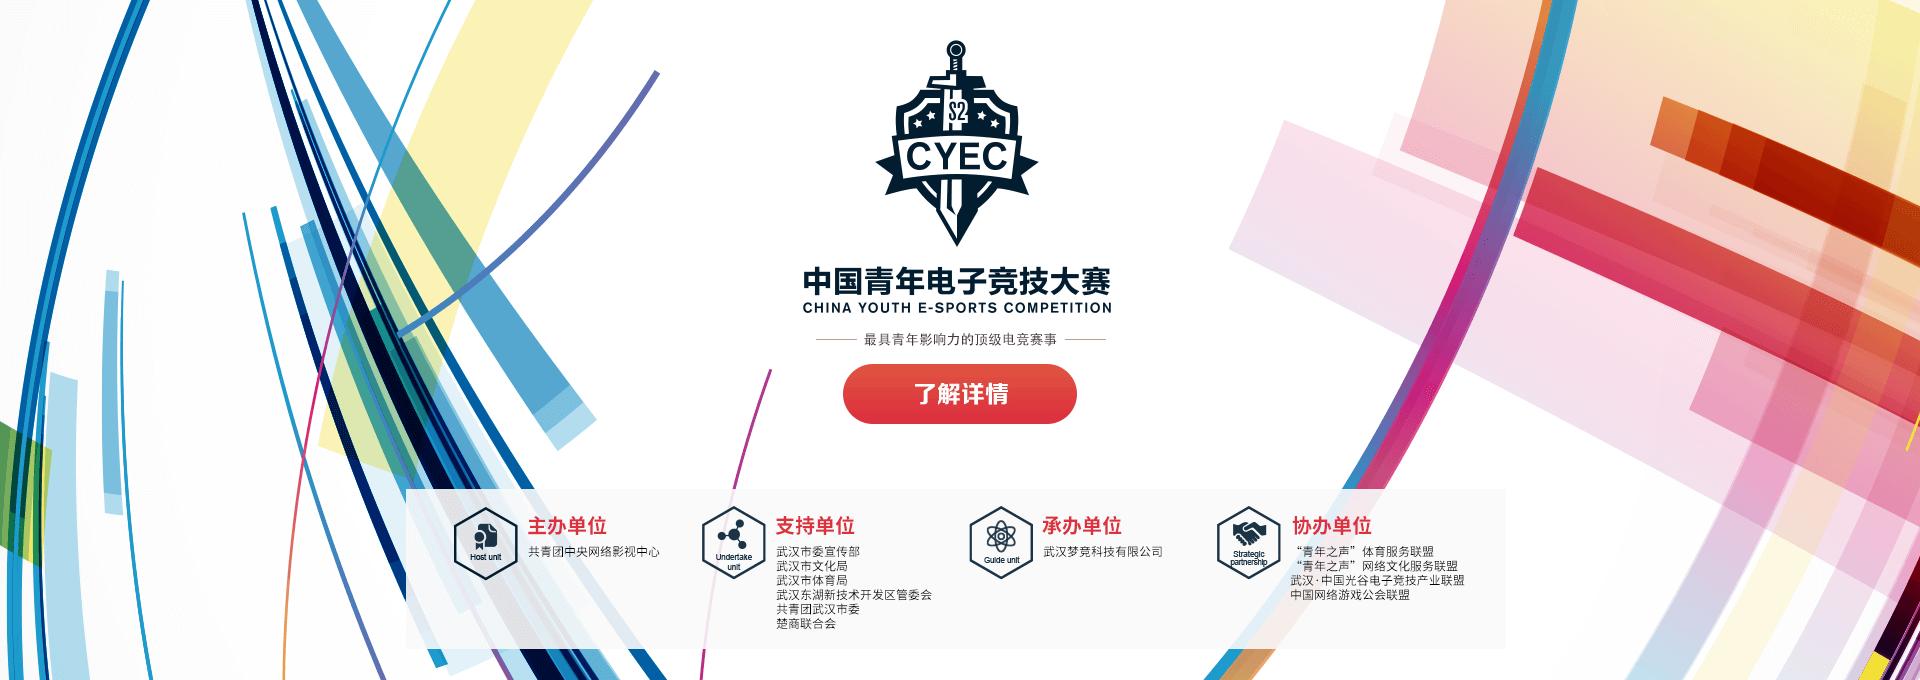 中国青年电子竞技大赛